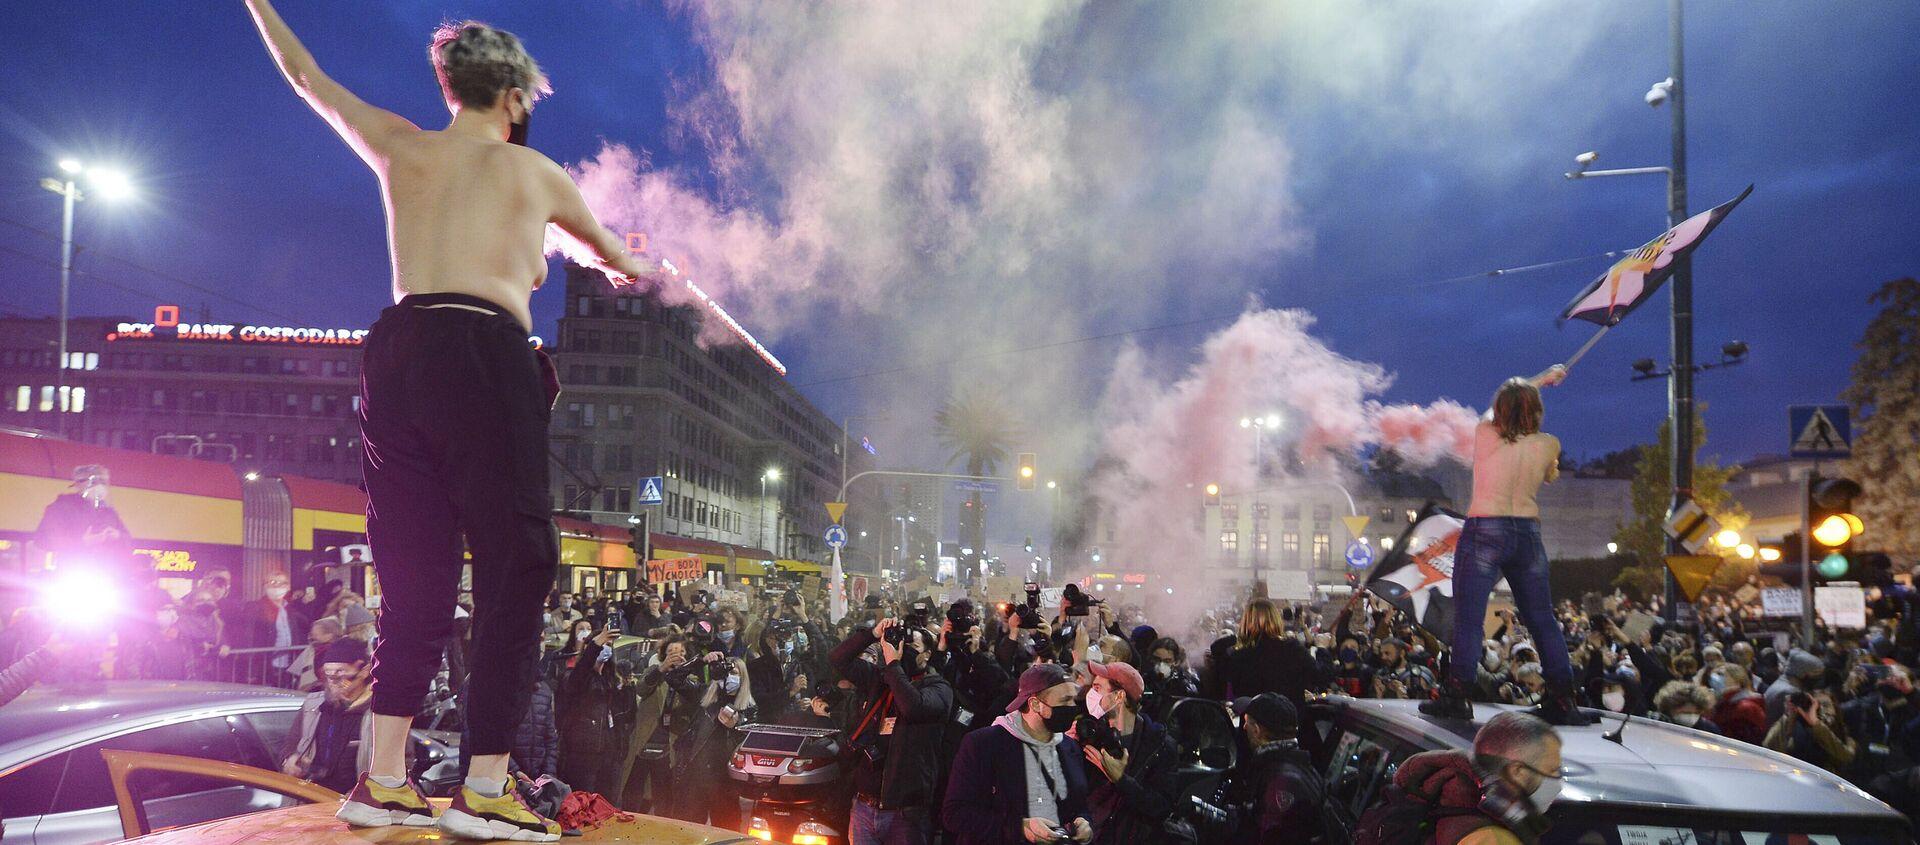 Protesty po wyroku TK ws. aborcji w Warszawie - Sputnik Polska, 1920, 14.04.2021